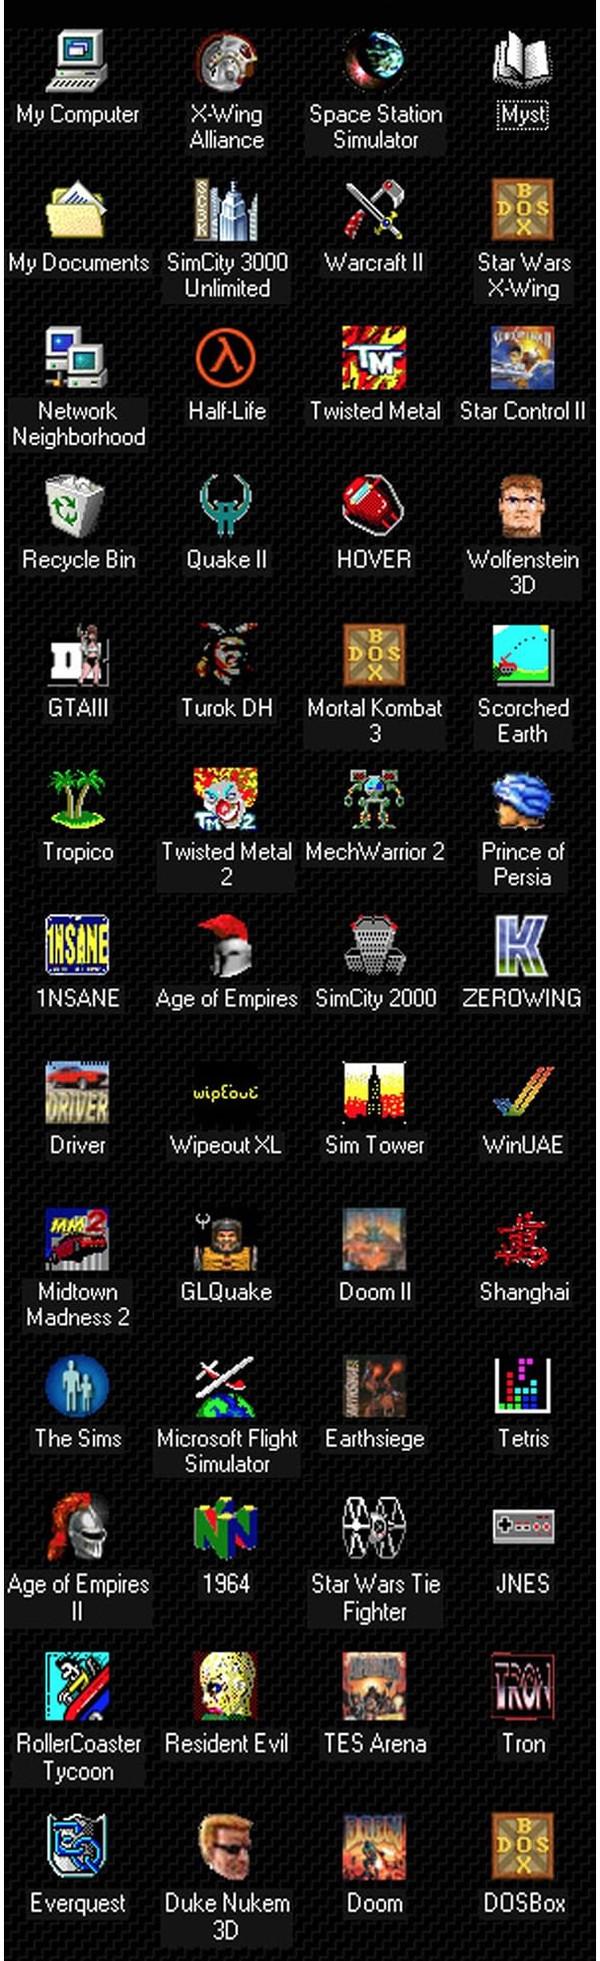 Слезы олдфагов Слезы олдфагов, олдфаги, Компьютерные игры, 1999, ностальгия, длиннопост